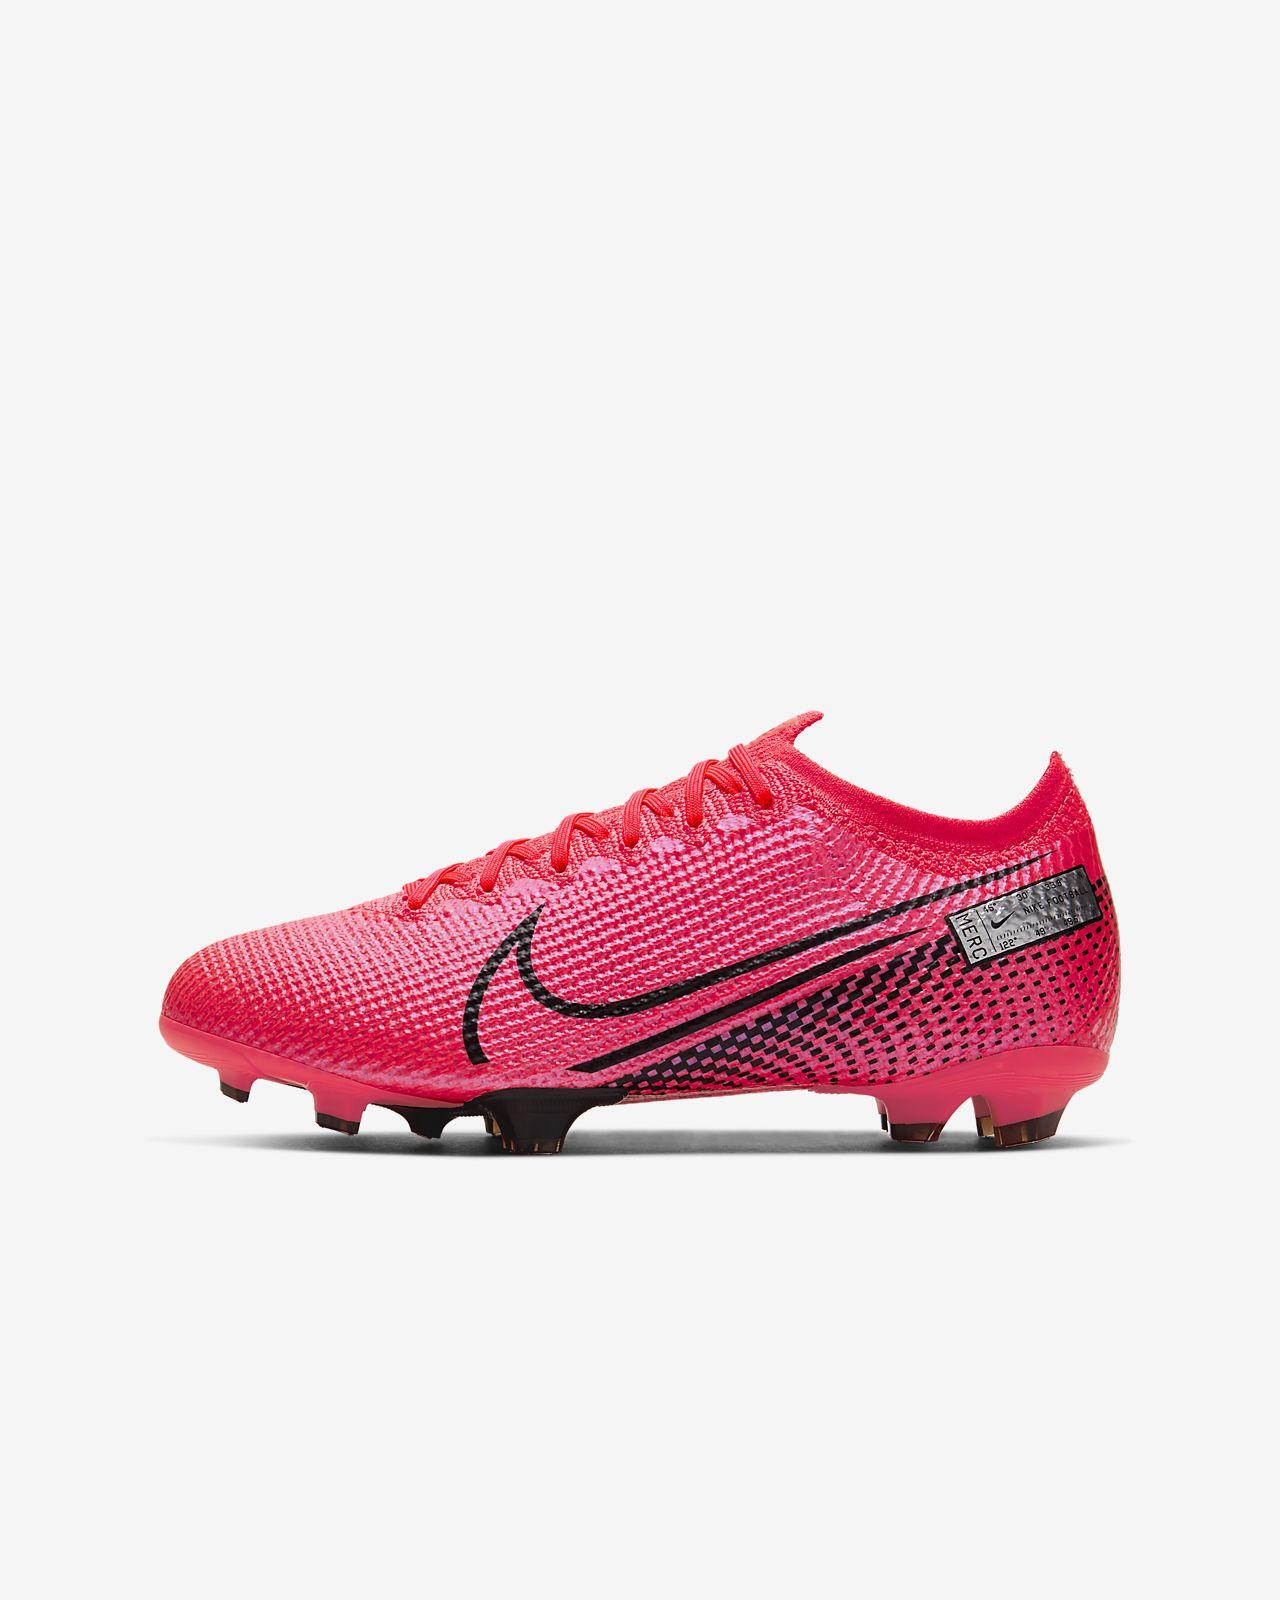 Ποδοσφαιρικό παπούτσι για σκληρές επιφάνειες Nike Jr. Mercurial Vapor 13 Elite FG για μεγάλα παιδιά